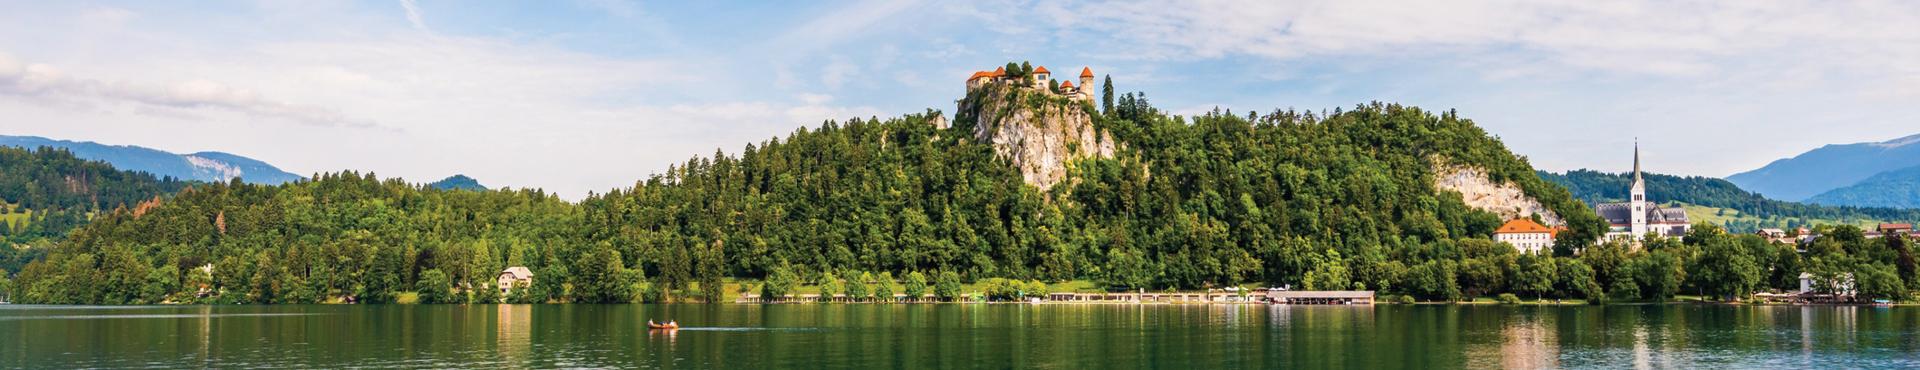 טיול מאורגן לסלובניה וקרואטיה - שילוב מושלם של טבע ונוף בפנינות התיירות של אירופה